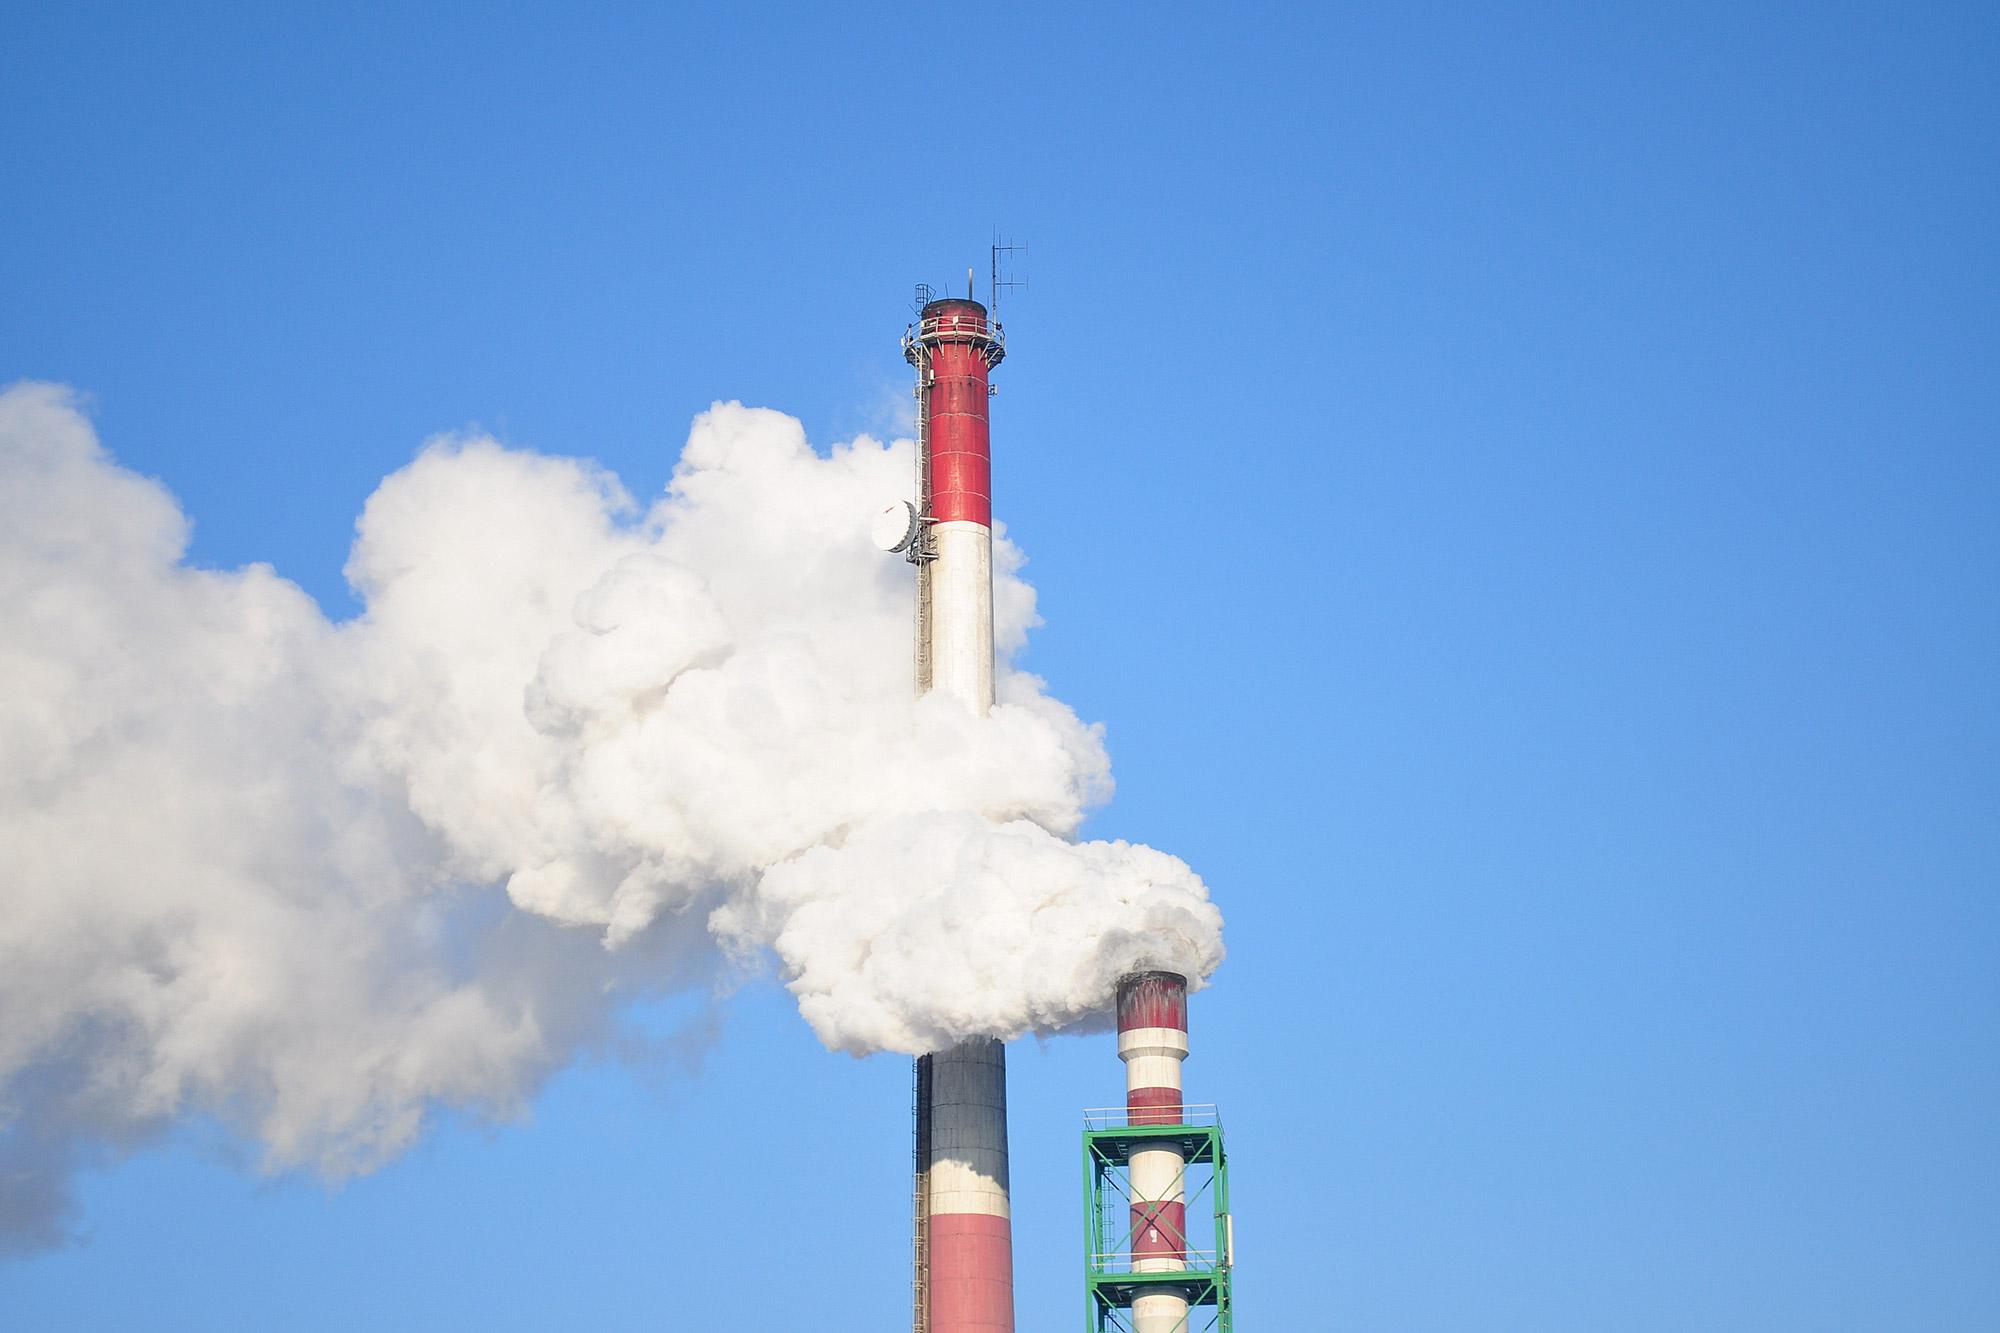 工業與發電廠的固定污染源,相較於體積較小的汽車,要更容易裝設污染監測以及減排設備。